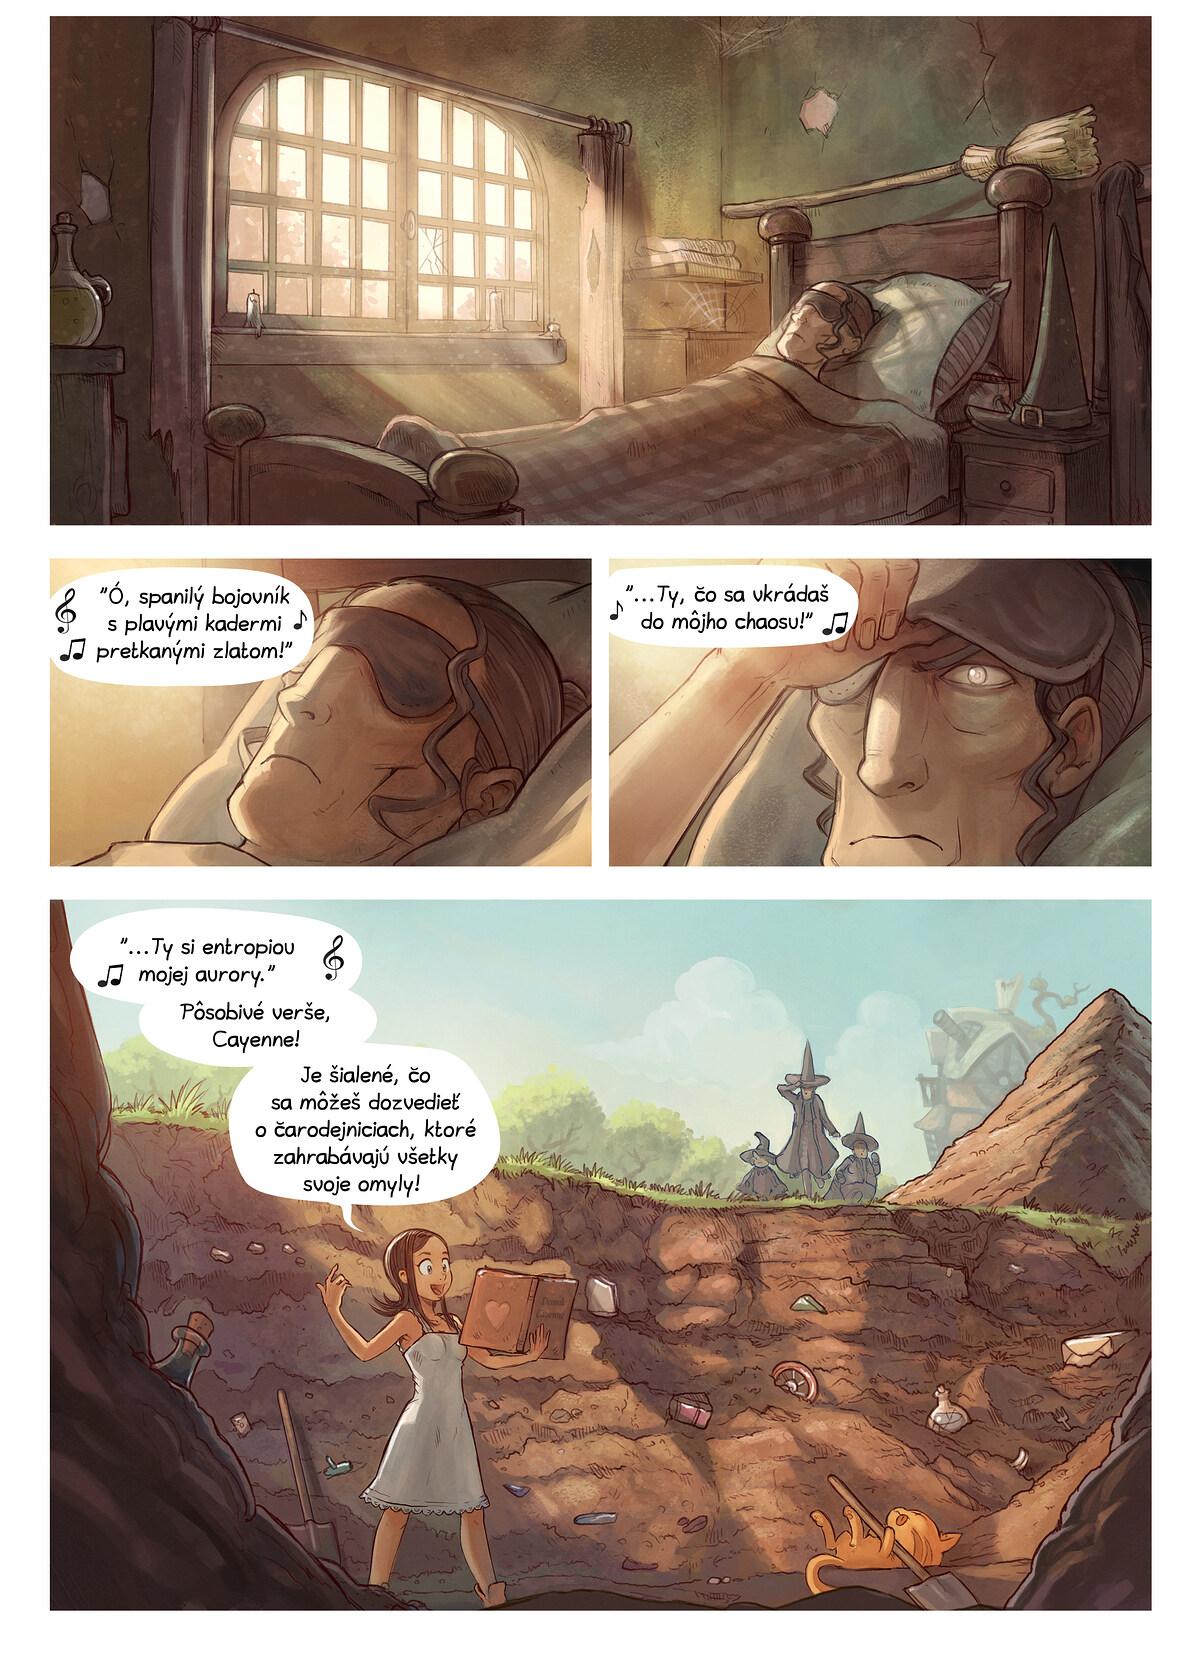 Epizóda 19: Znečistenie, Page 4